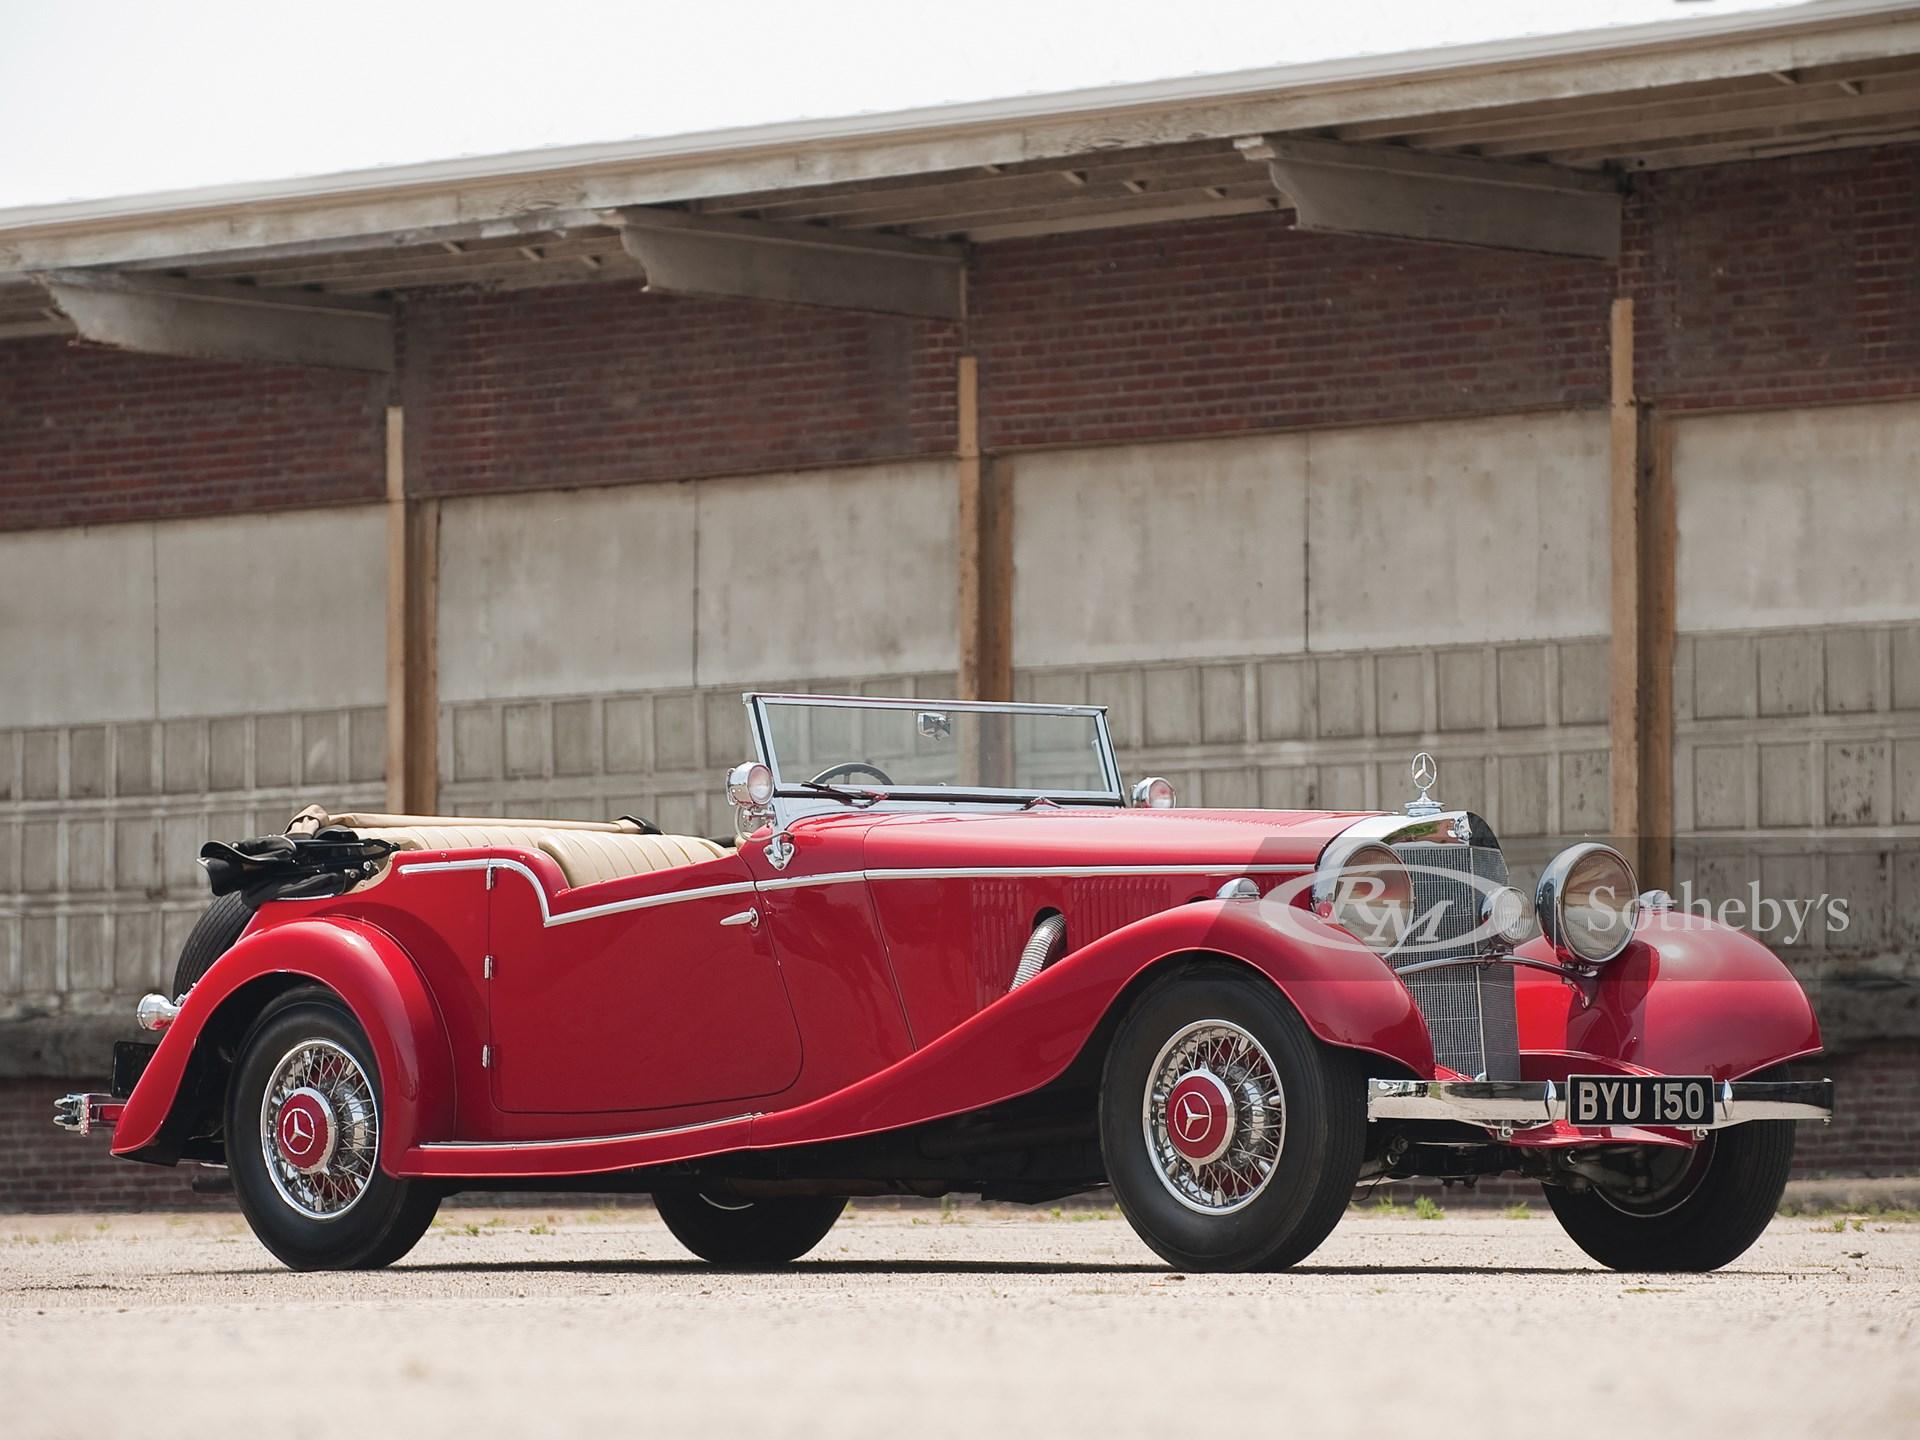 1934 Mercedes-Benz 500 K Tourer by Mayfair -